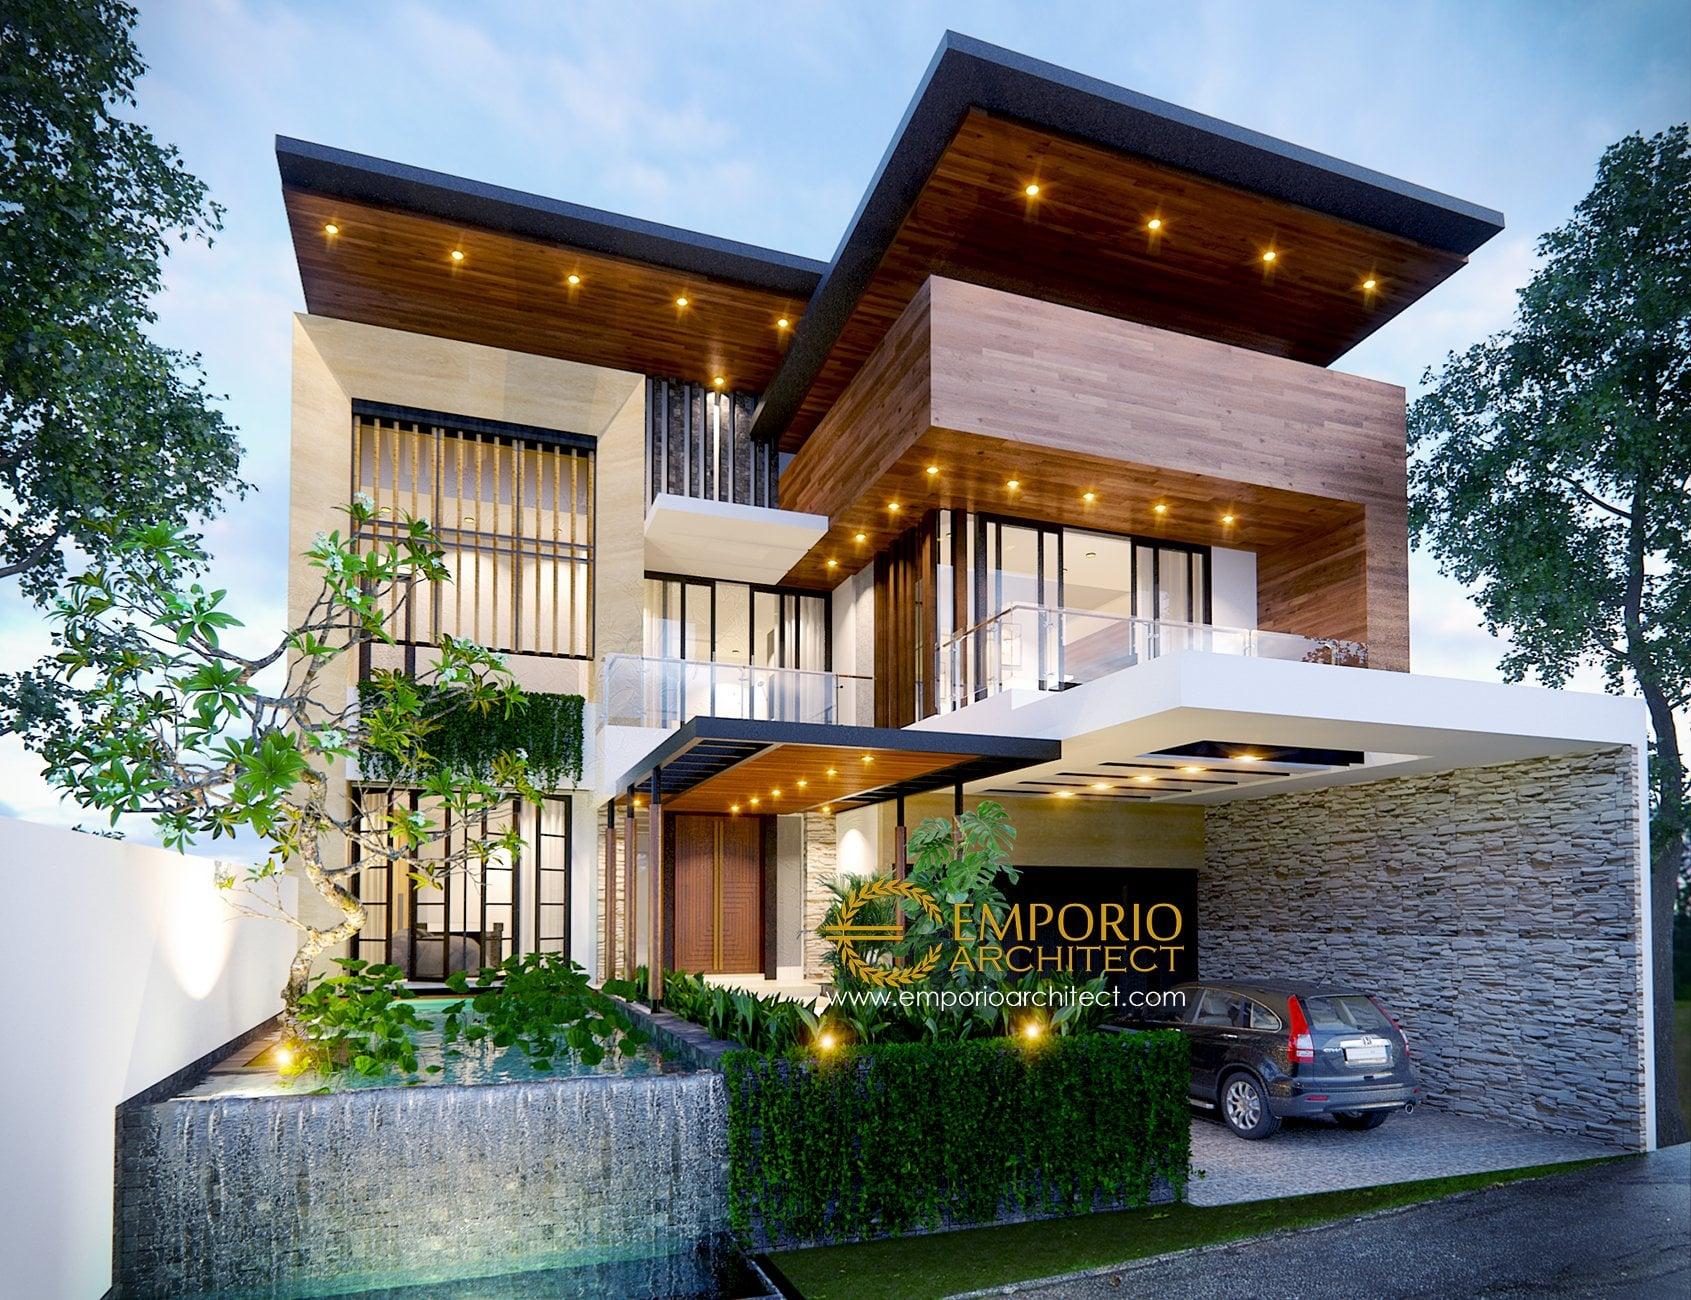 46 Ide Cantik Rumah Minimalis 2 Lantai Yang Wajib Kamu Ketahui